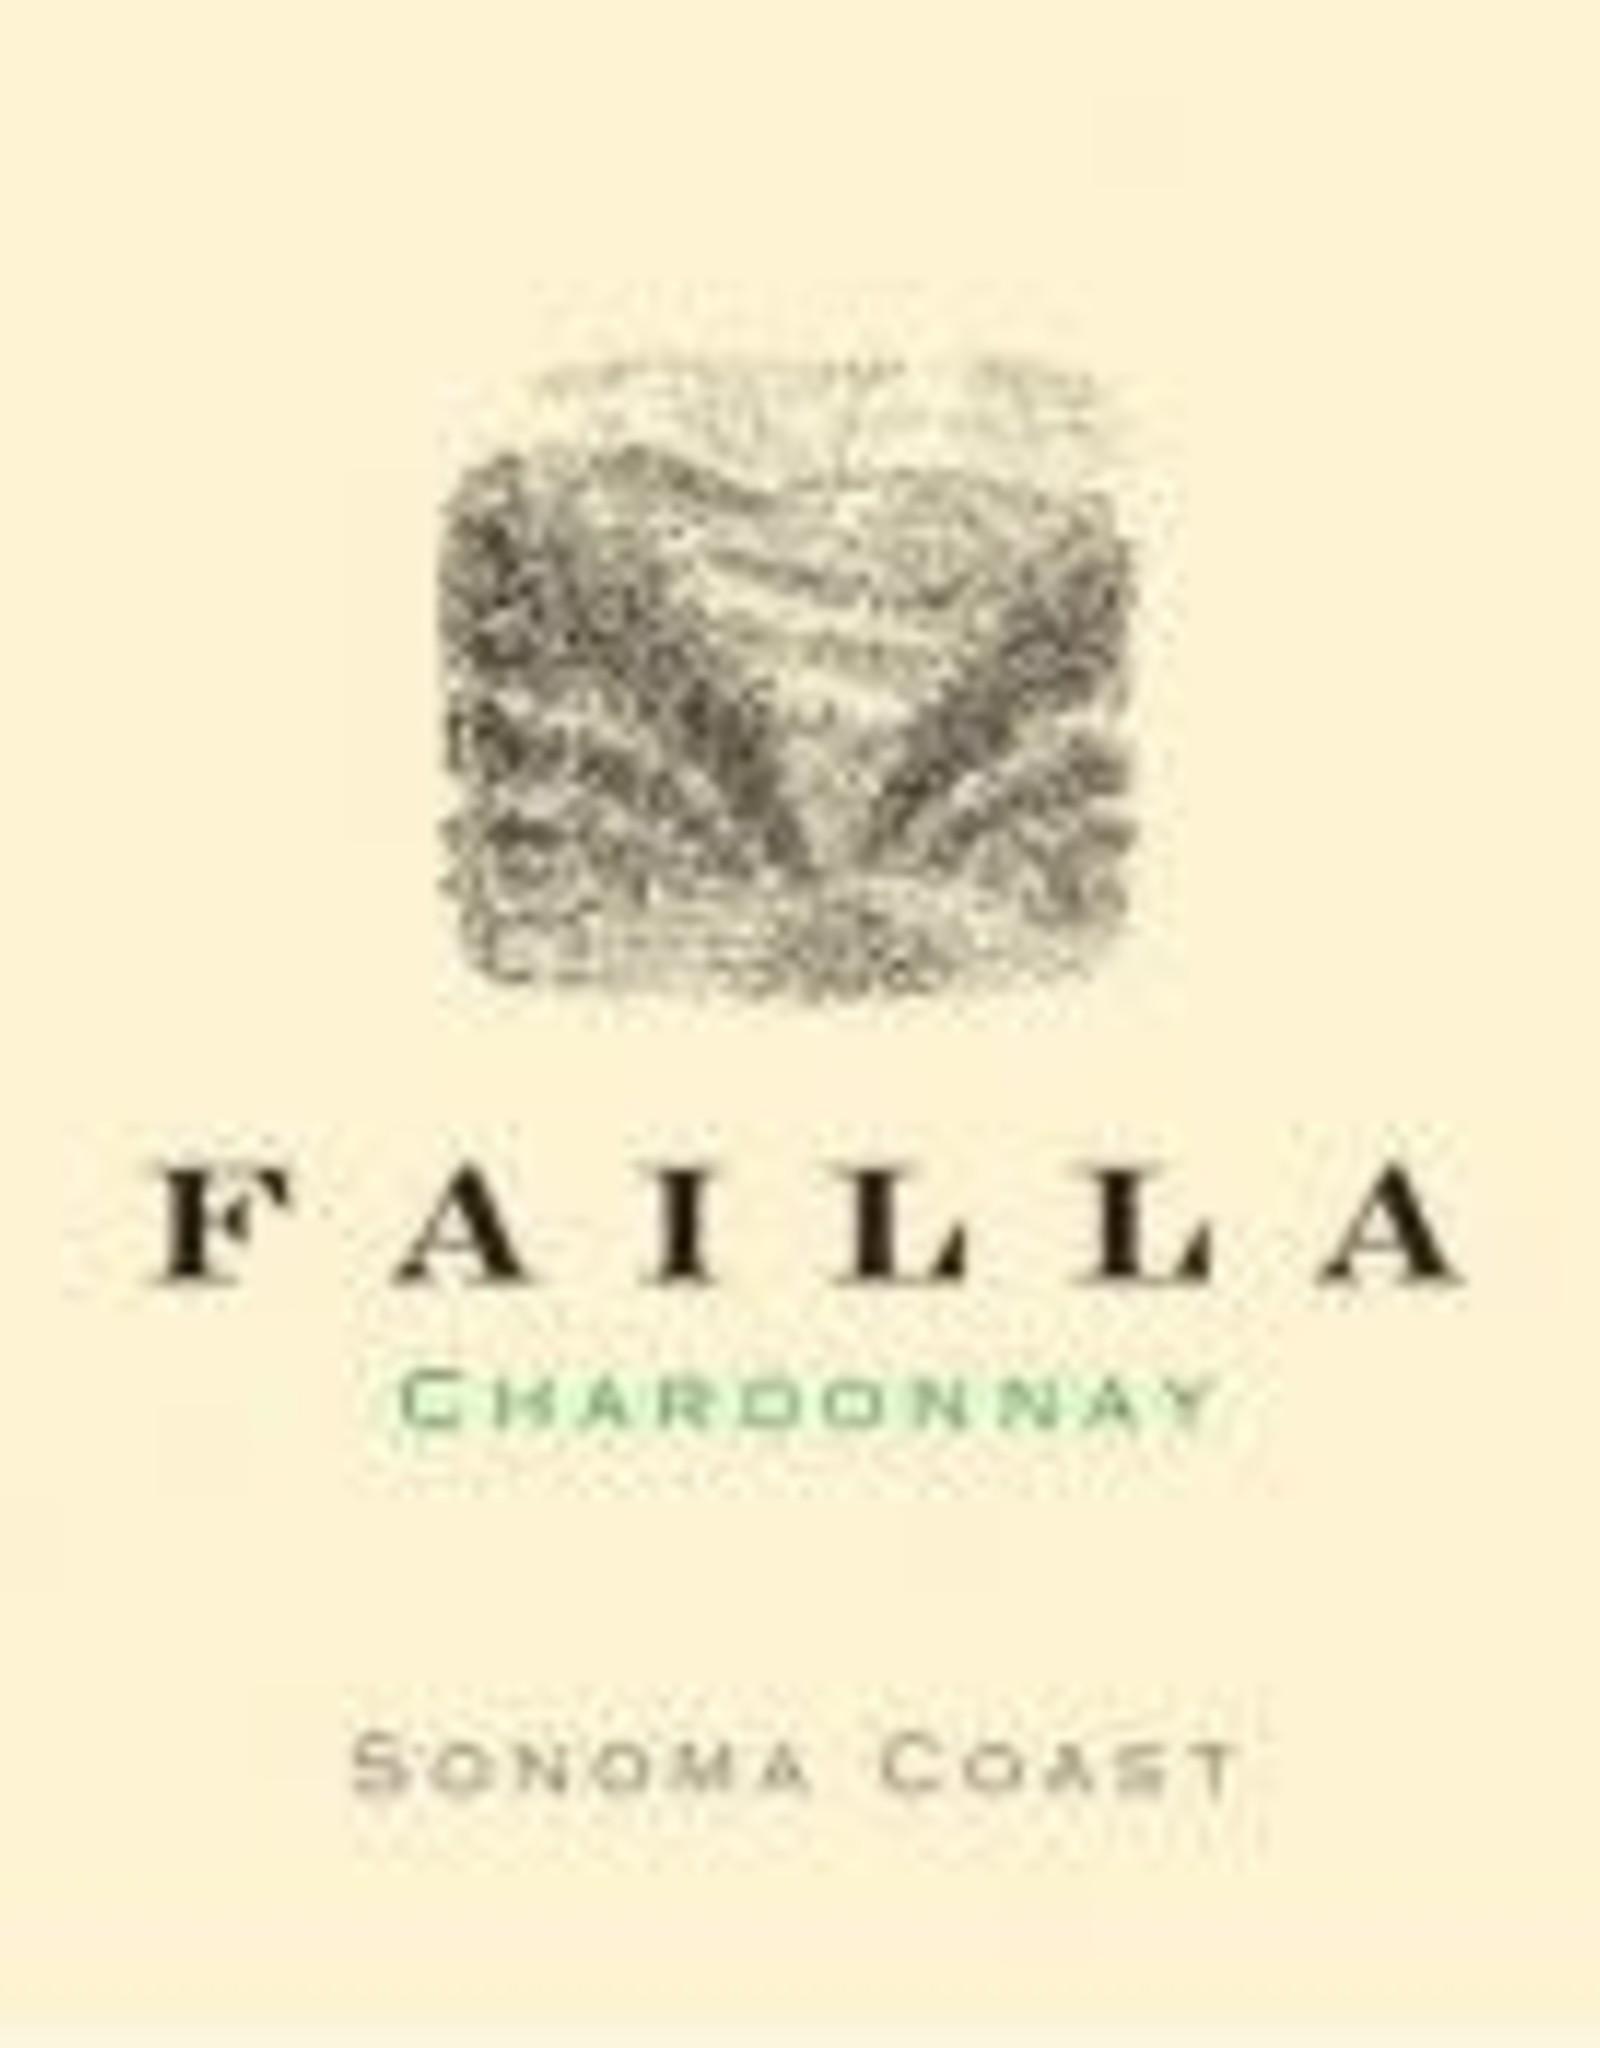 Chardonnay, Sonoma Coast, Failla 2018